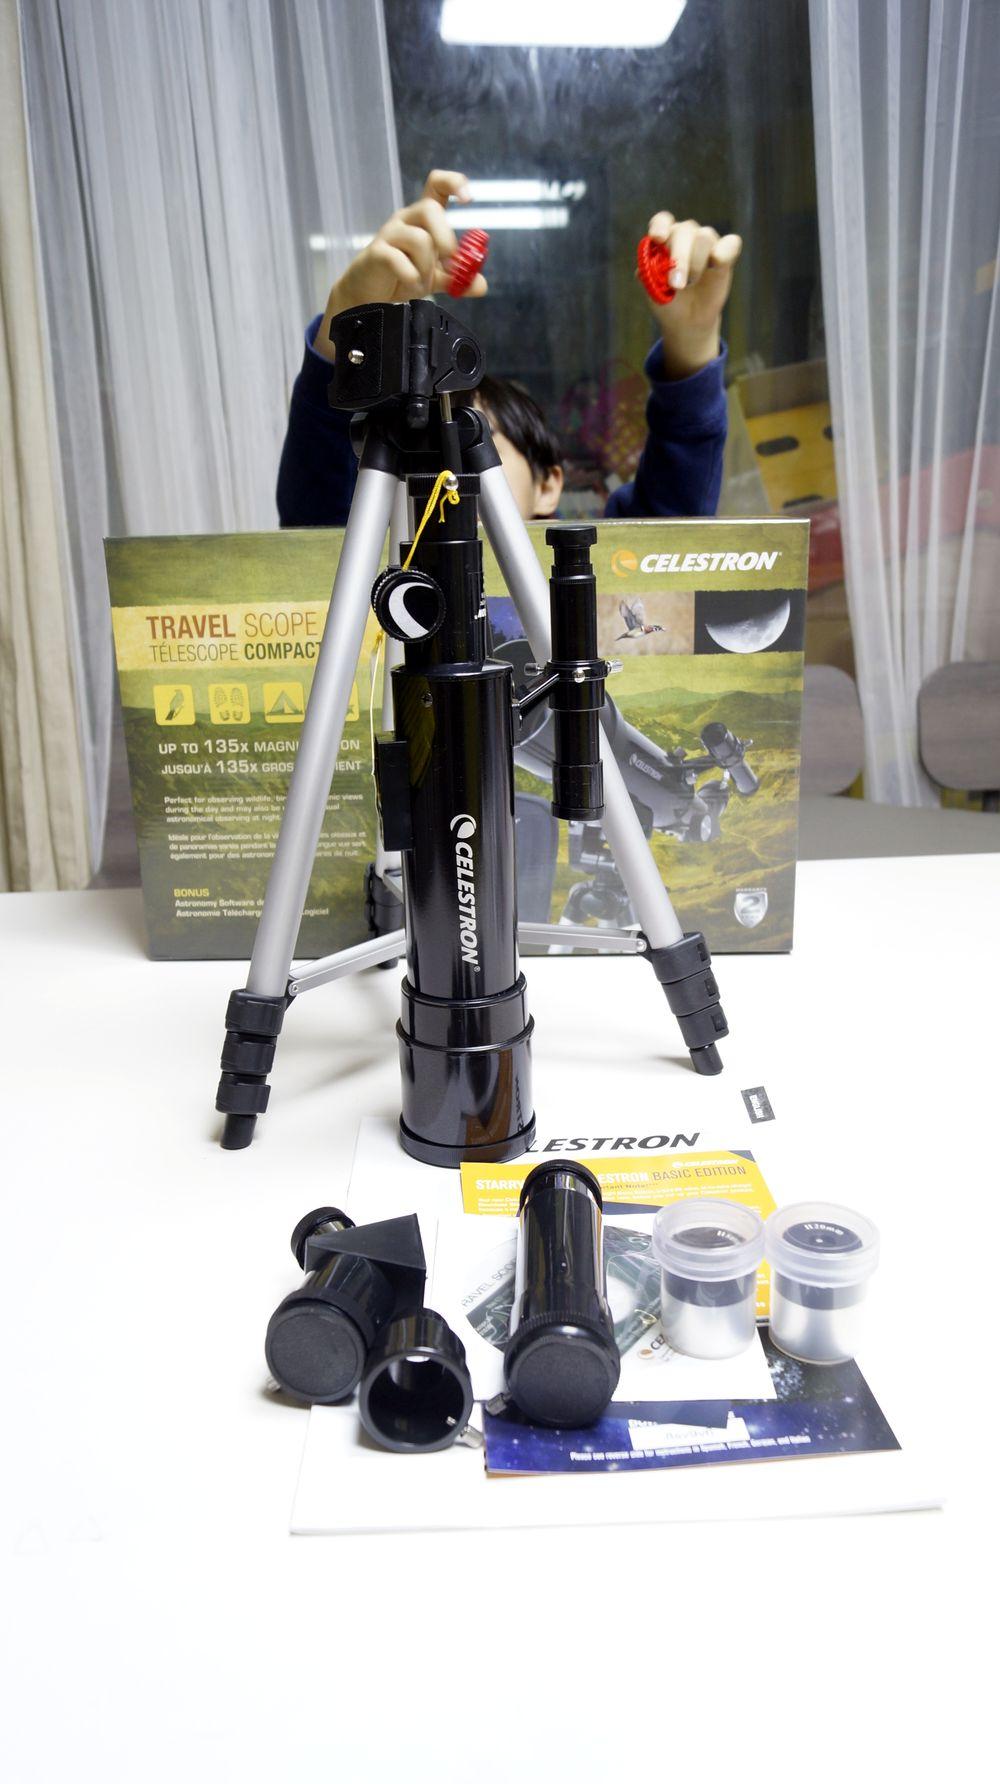 셀레스트론 travel scope 50 구성품들.